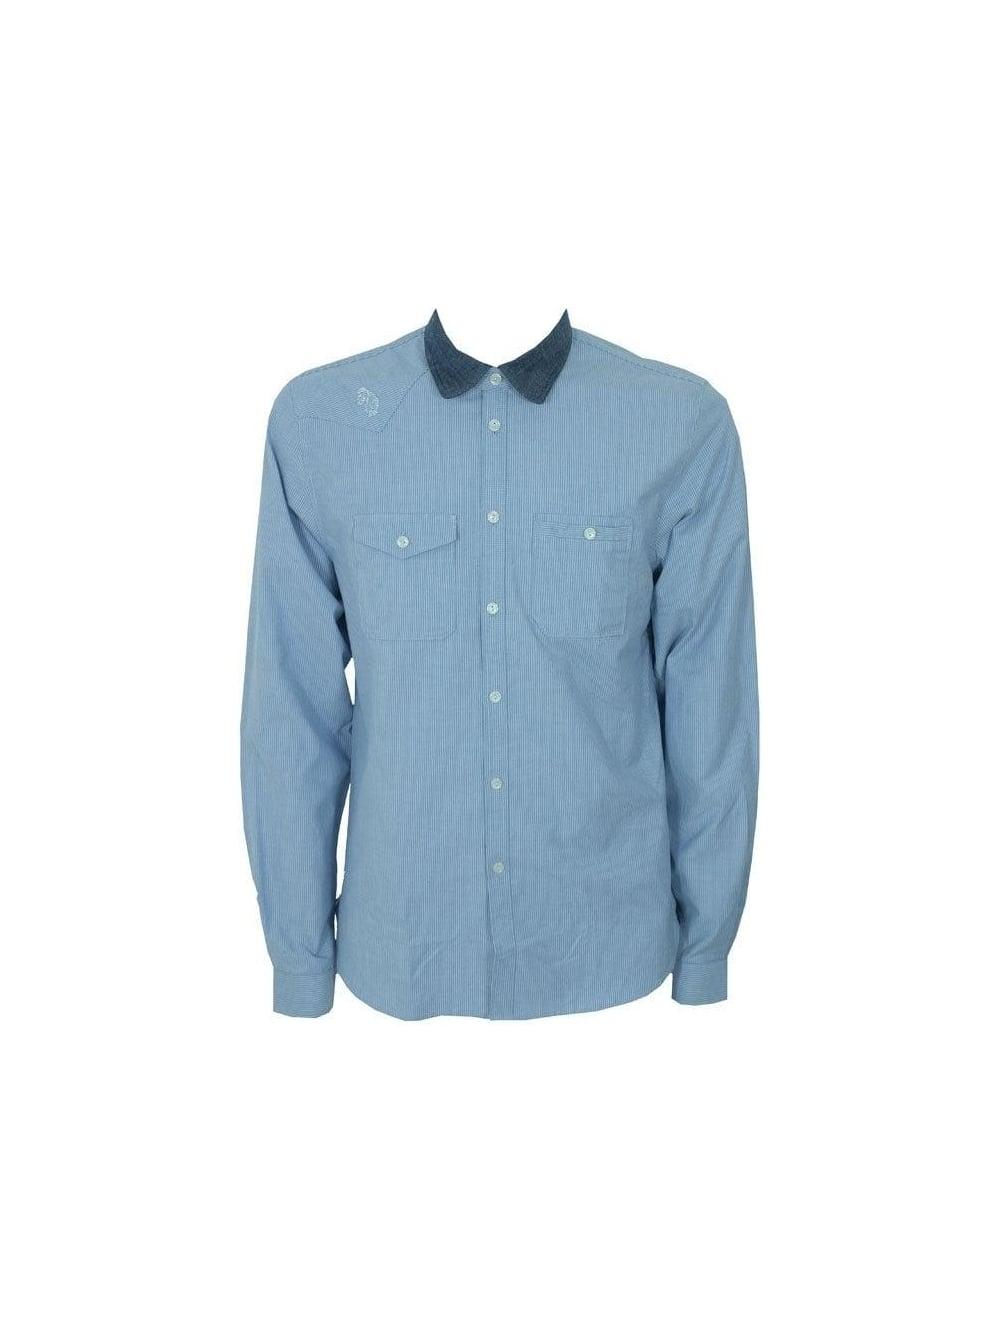 Luke 1977 luke 1977 crib classic work shirt blue light for Light blue work shirt